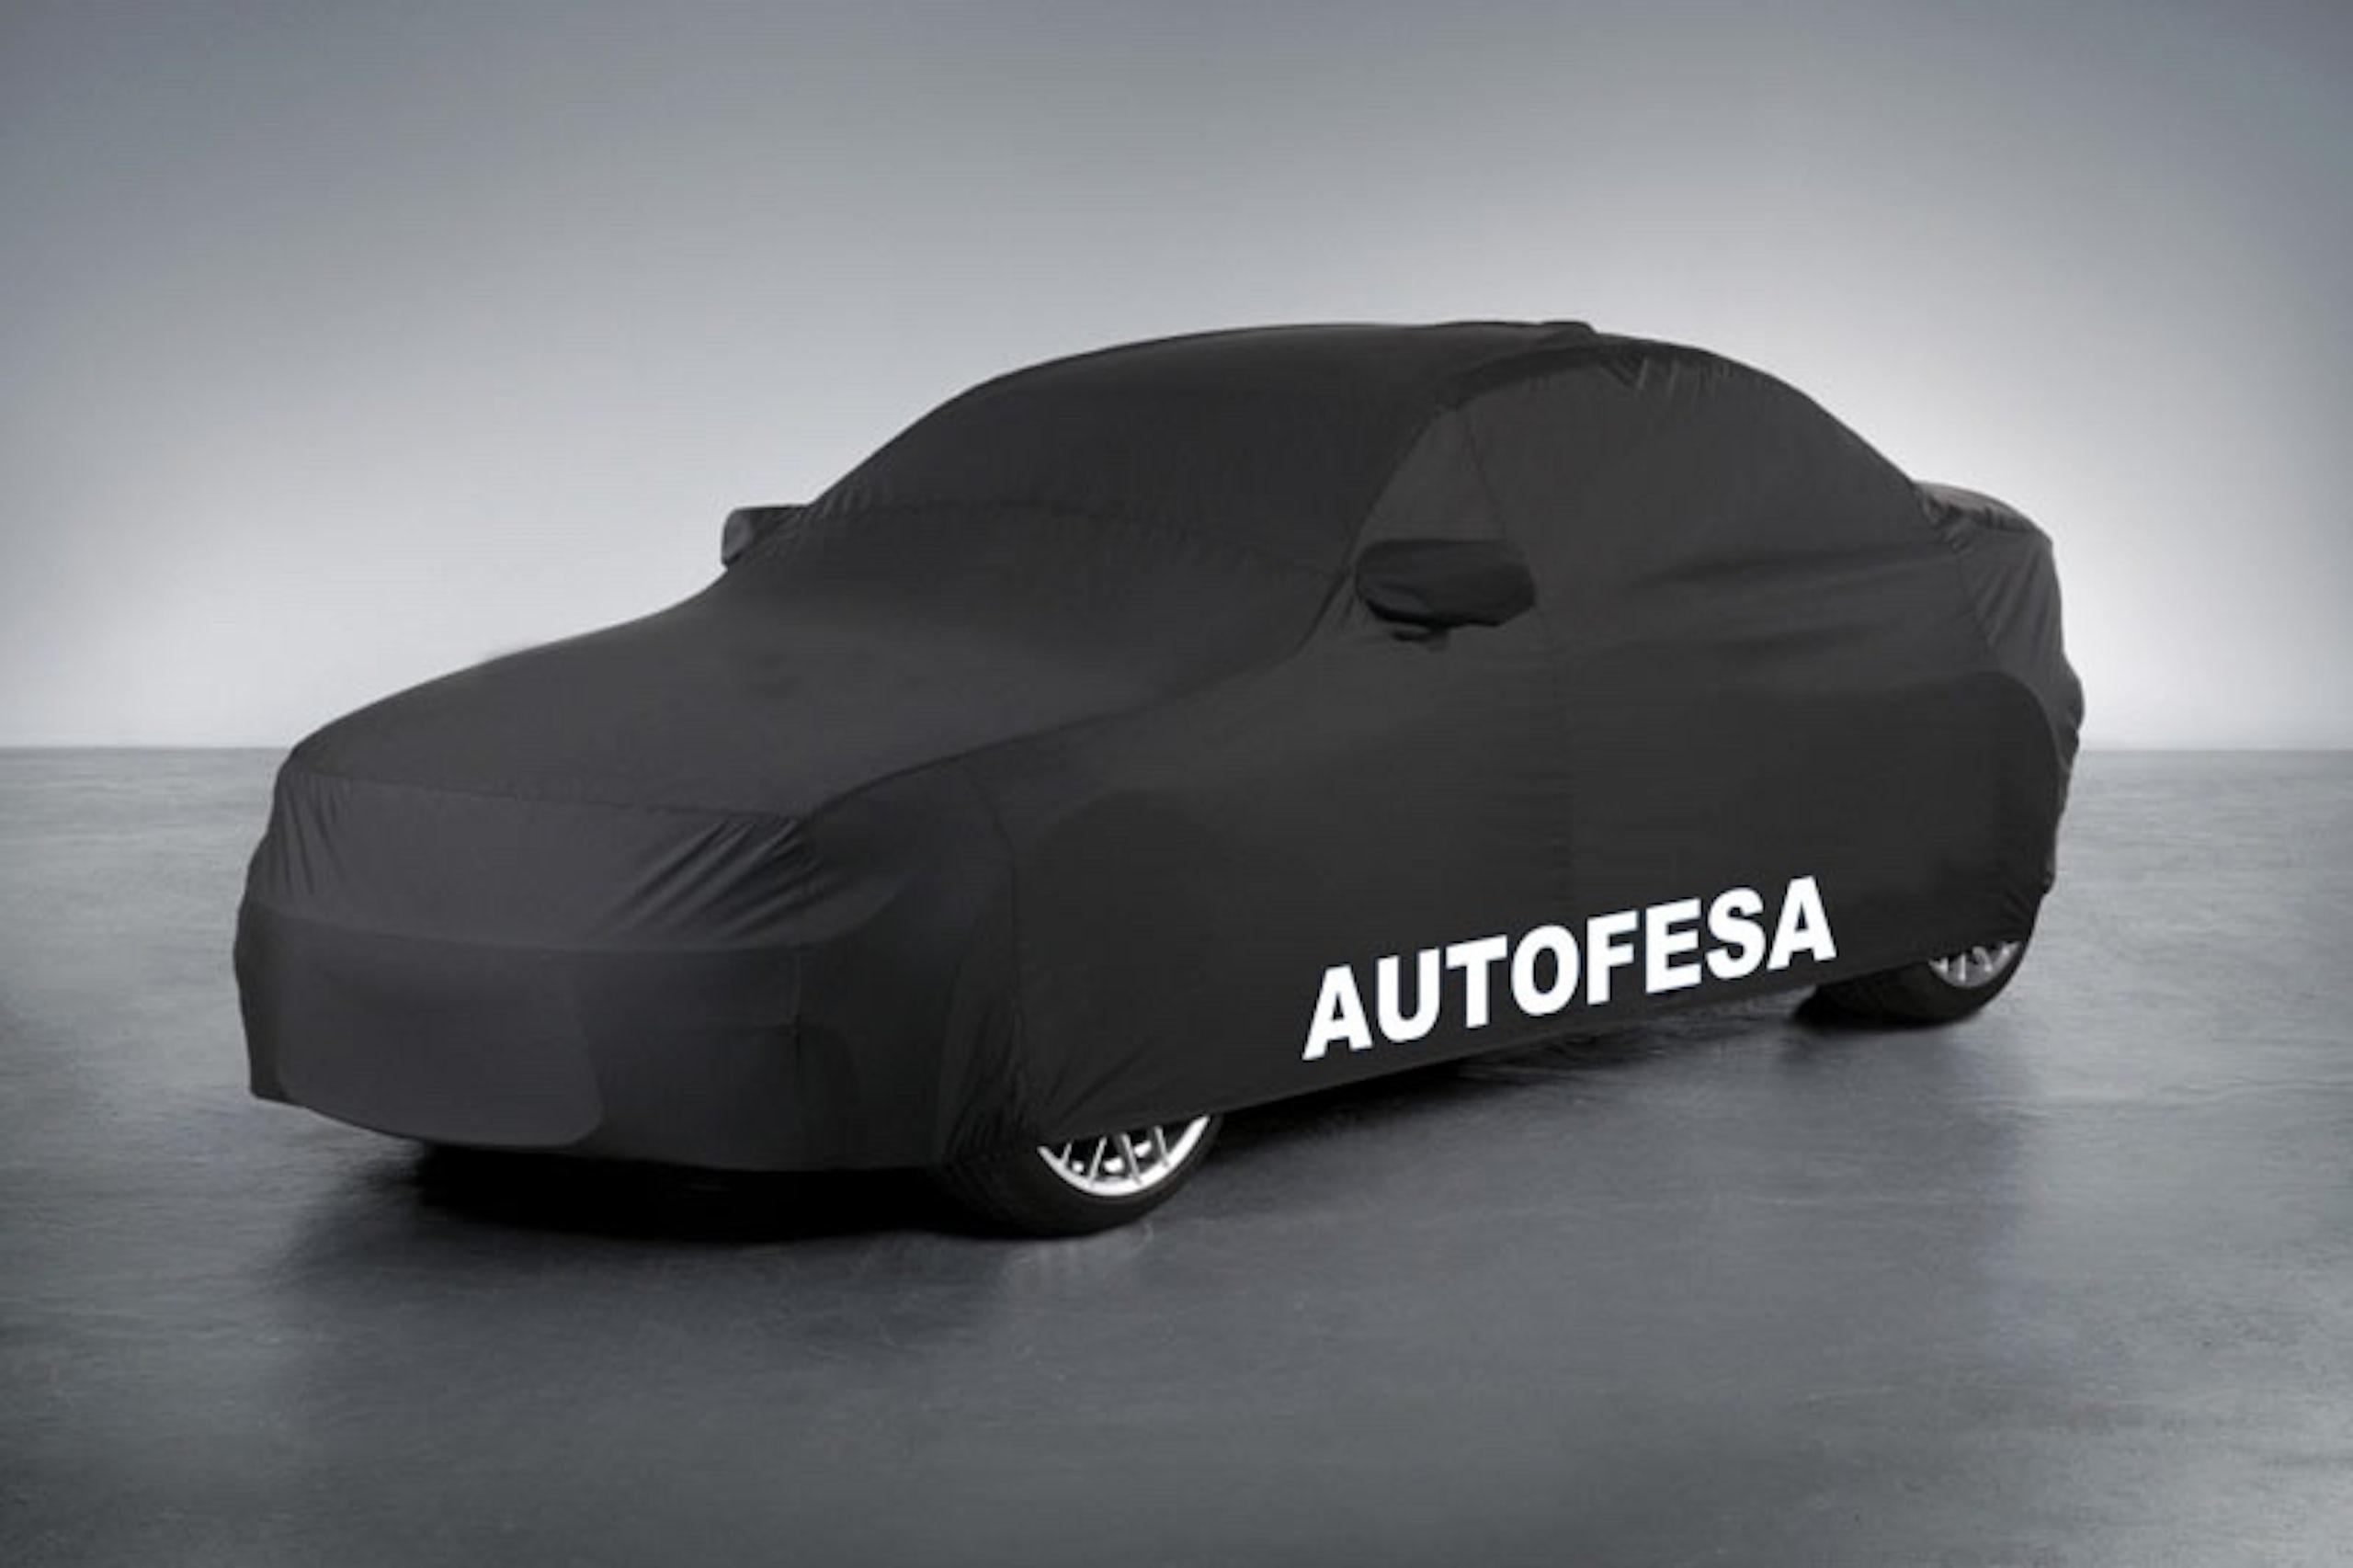 Audi A6 3.0 TDI AVANT 272cv quattro 4p S tronic Auto S/S - Foto 31